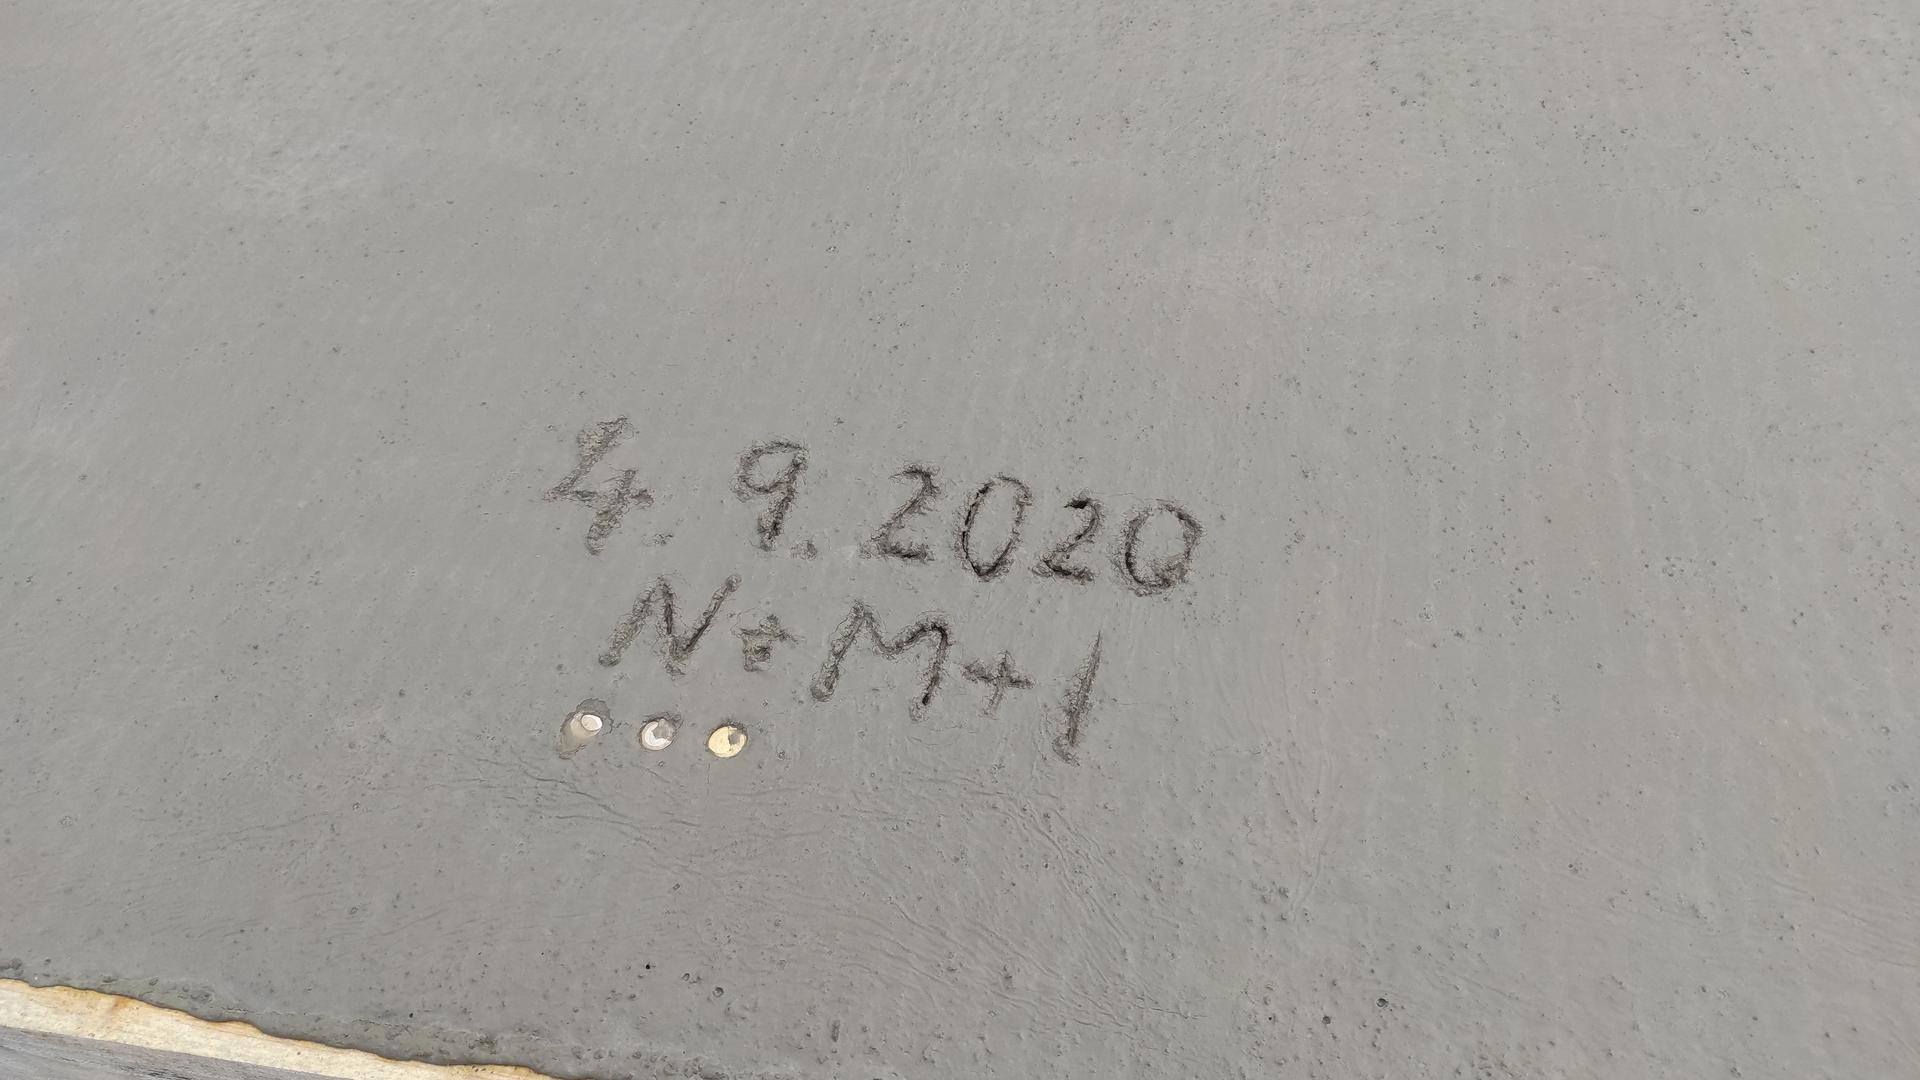 Konečne sme začali - 4.9.2020